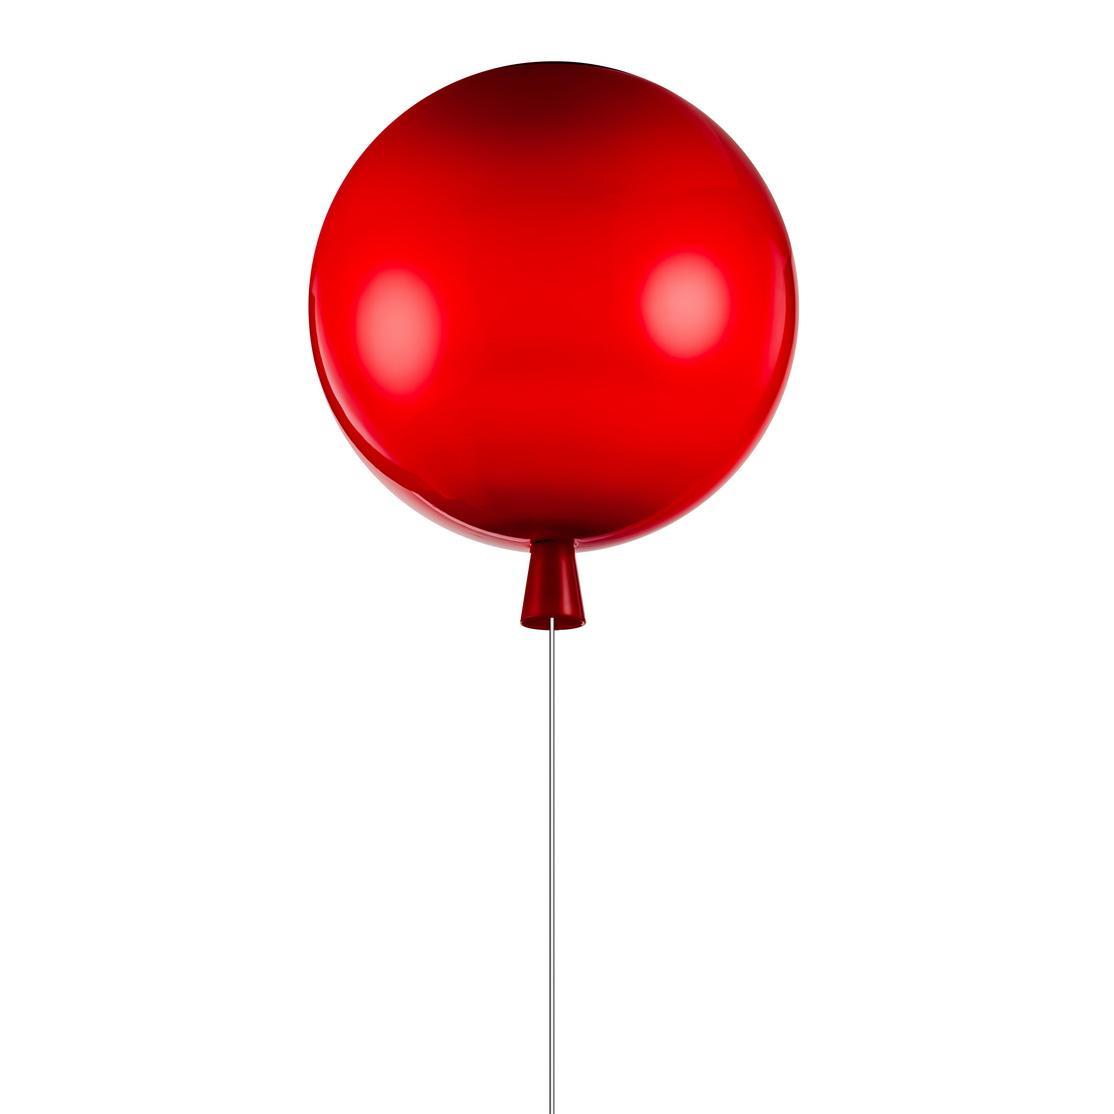 Потолочный светильник Loft IT 5055C/M red потолочный светильник loft it 5055c m red page 3